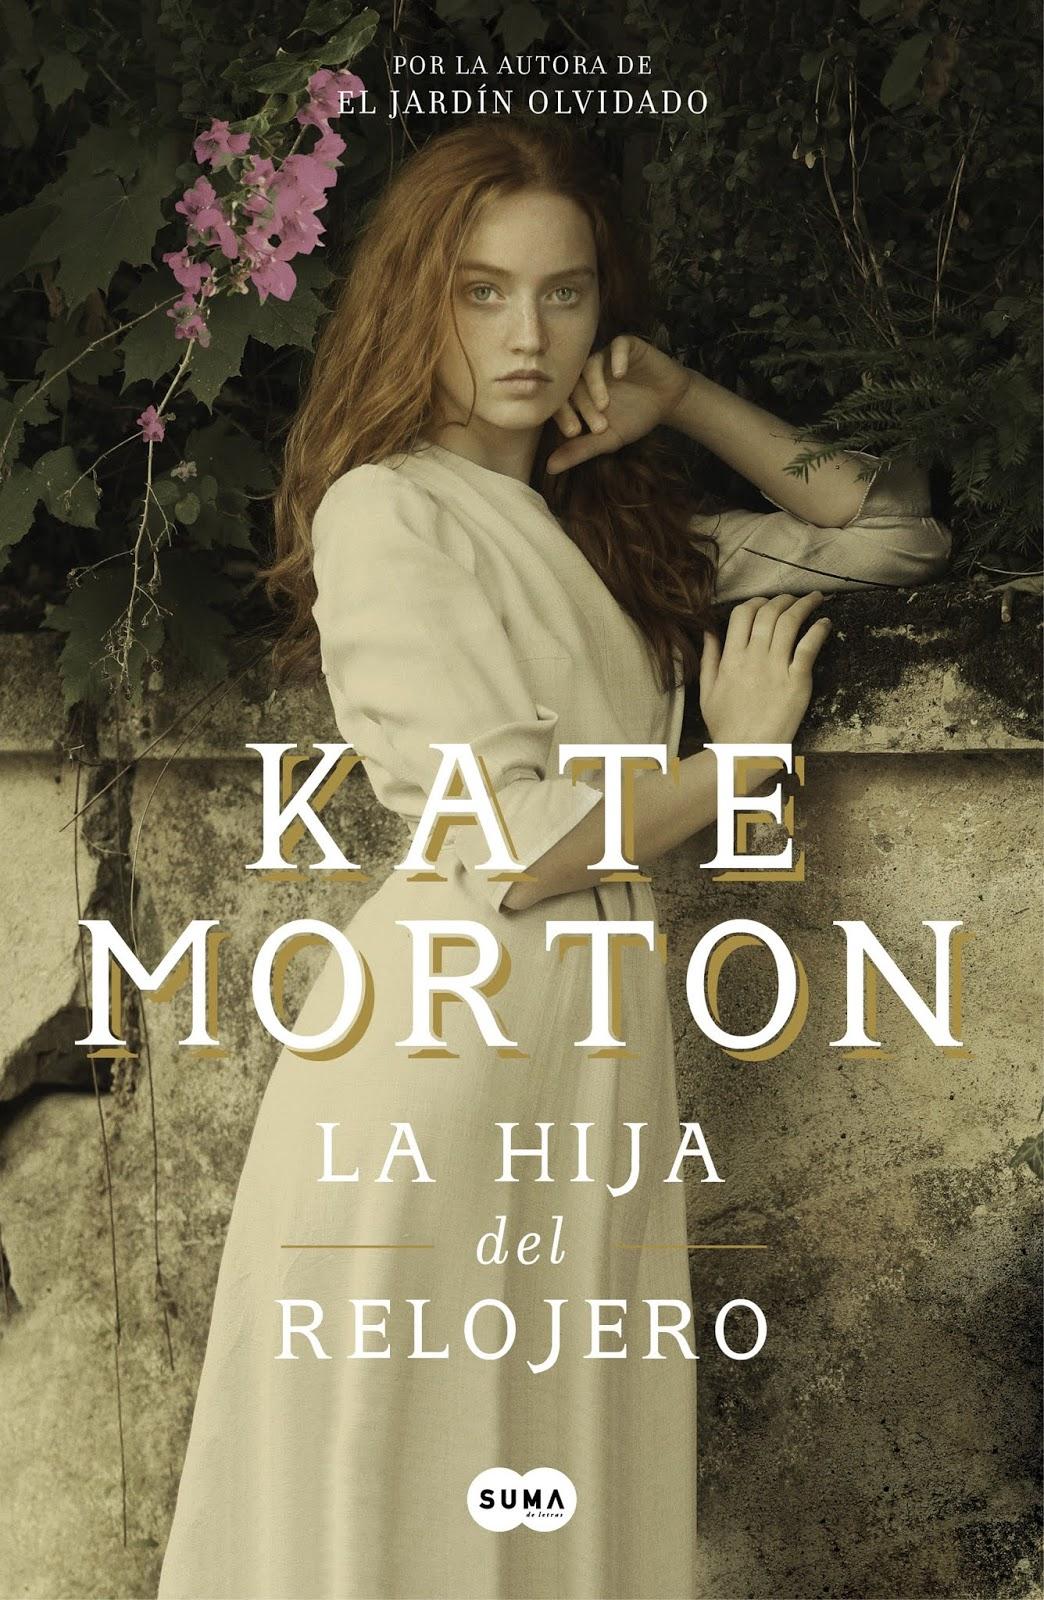 El b ho entre libros la hija del relojero kate morton for El jardin olvidado epub